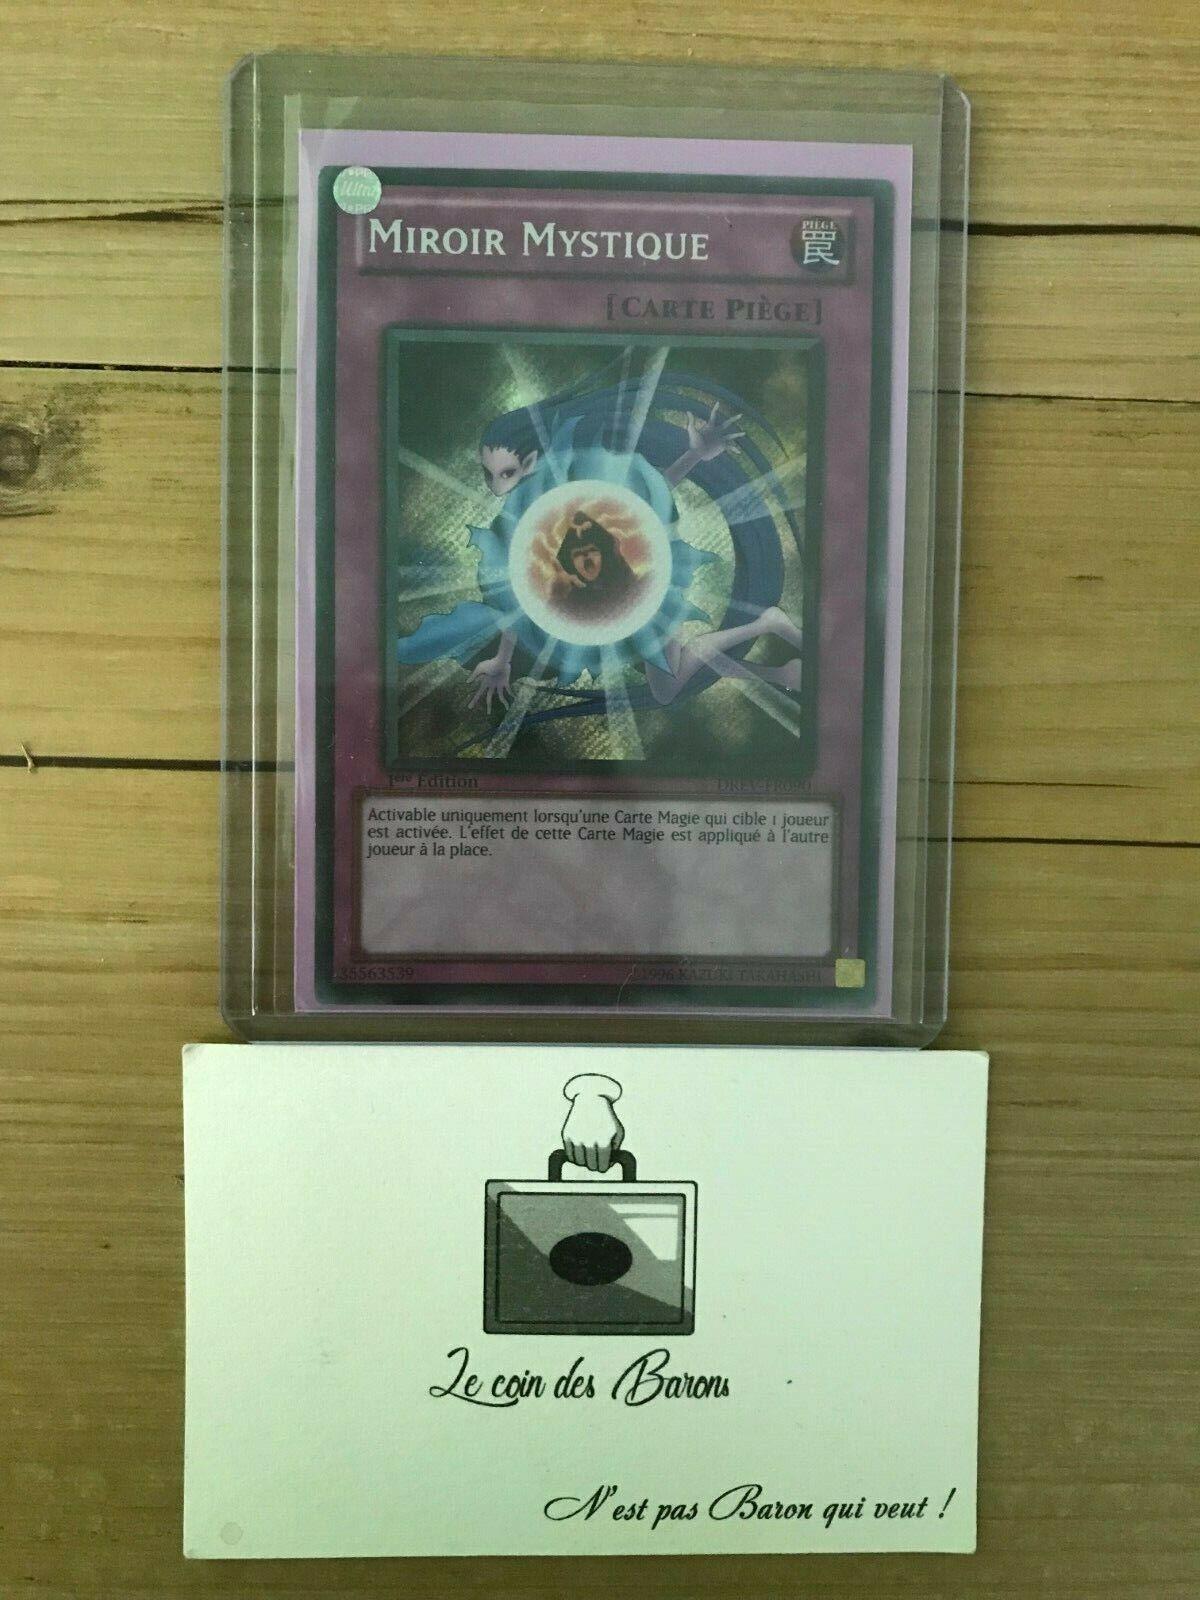 Yu-gi-oh  mystical mirror drev-fr090 1st